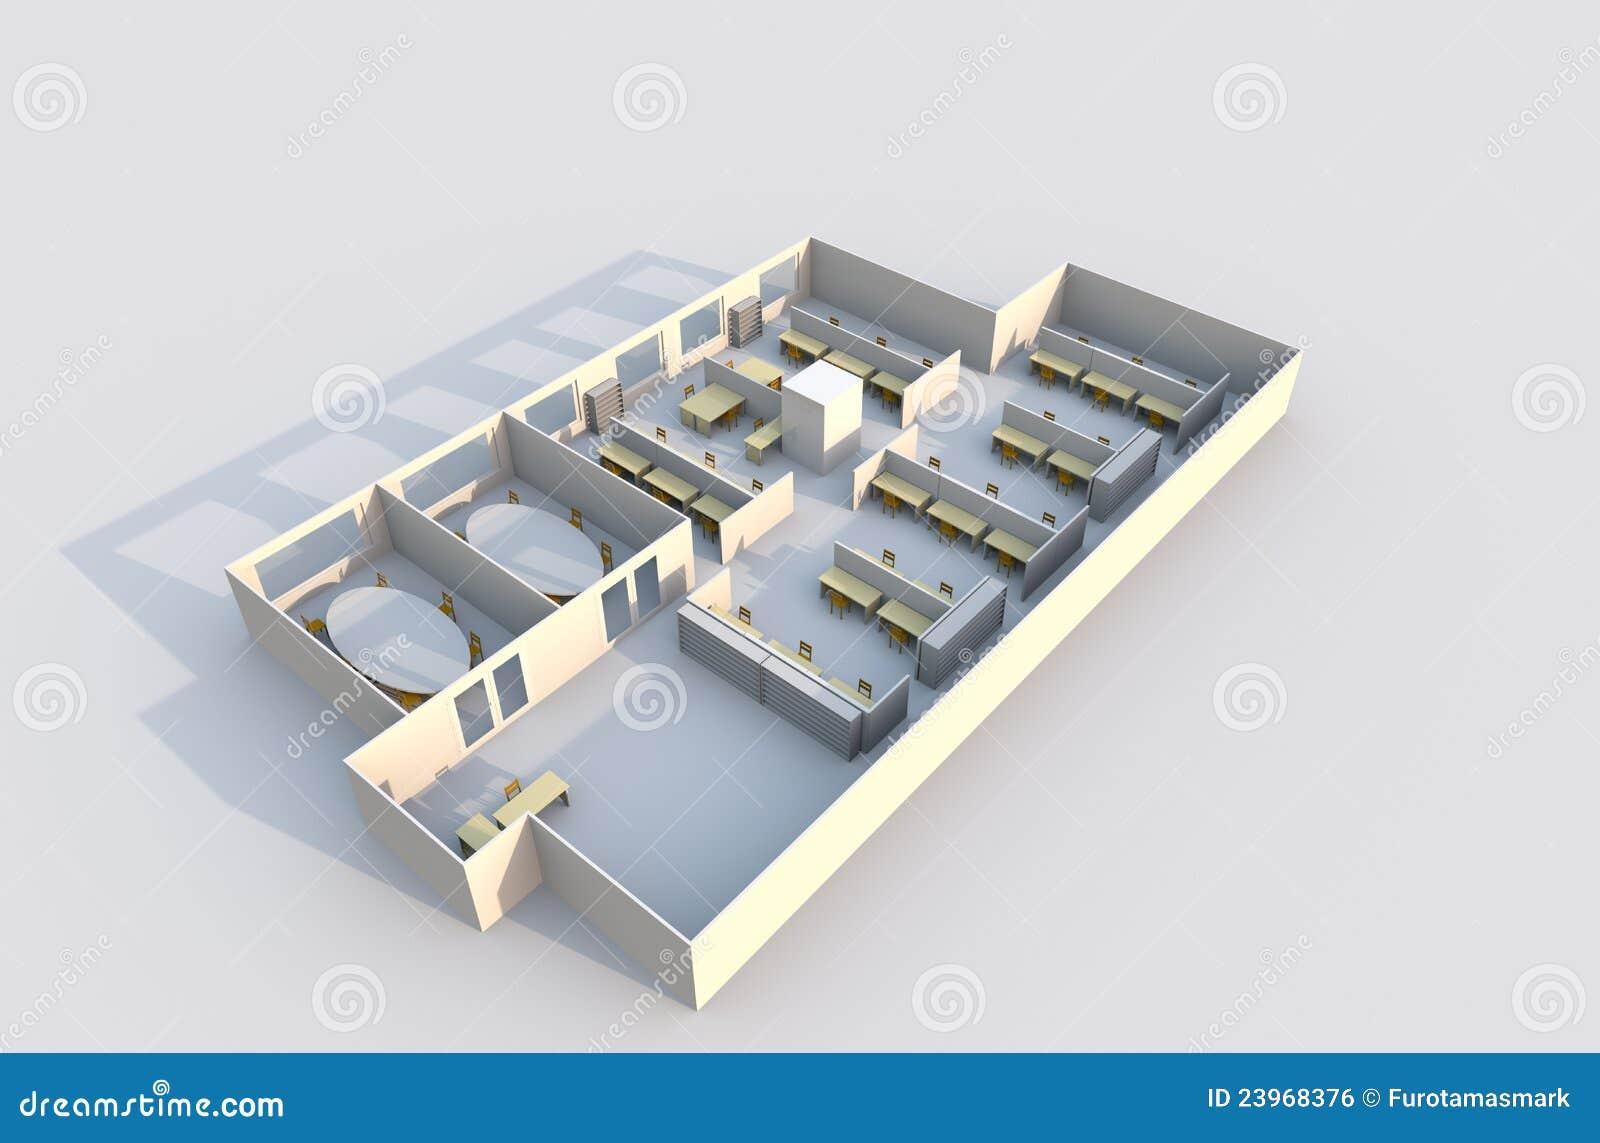 3d office plan royalty free stock image image 23968376 - Creation de maison virtuelle gratuit ...